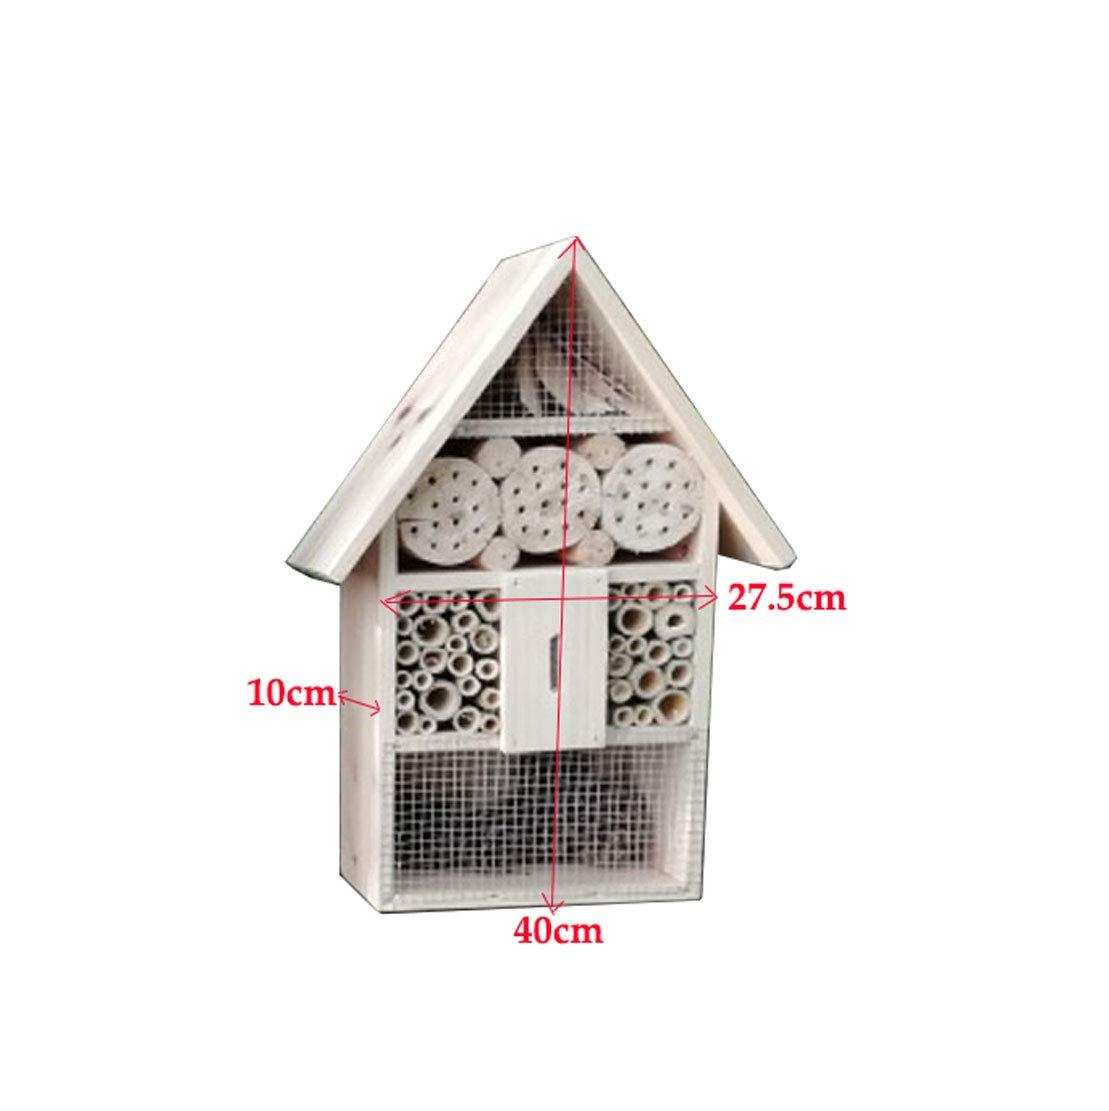 MTGYF Legno Massiccio Insetto casa casa casa in Legno Bee House Ambientale Insetto casa Insetto casa Bambini Insetti comprensione, Decorazione del Giardino, Stile Rustico di Abete Fatto a Mano 132109